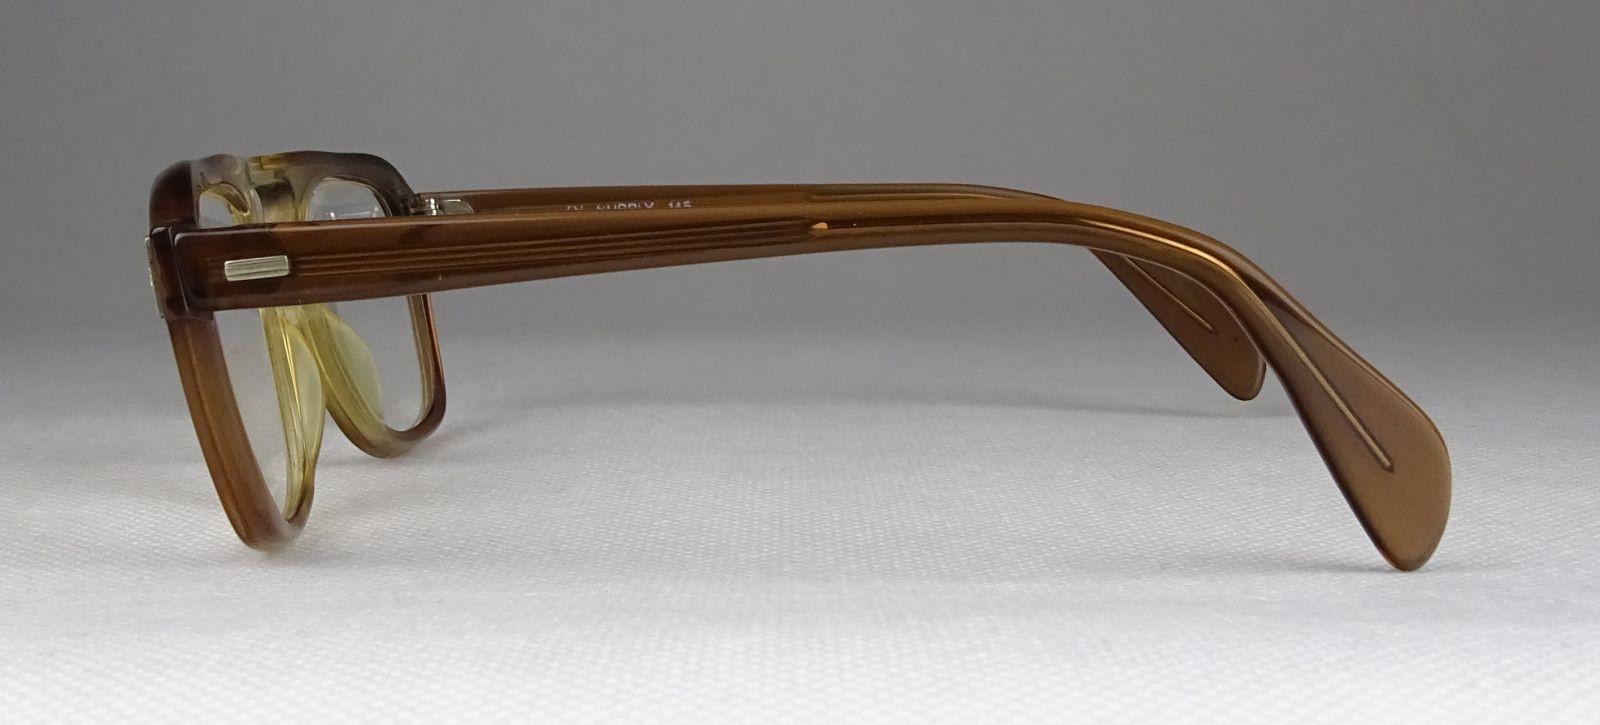 0S573 Retro dioptriás szemüveg - 3400 Ft - (meghosszabbítva ... 6ca54e5b48